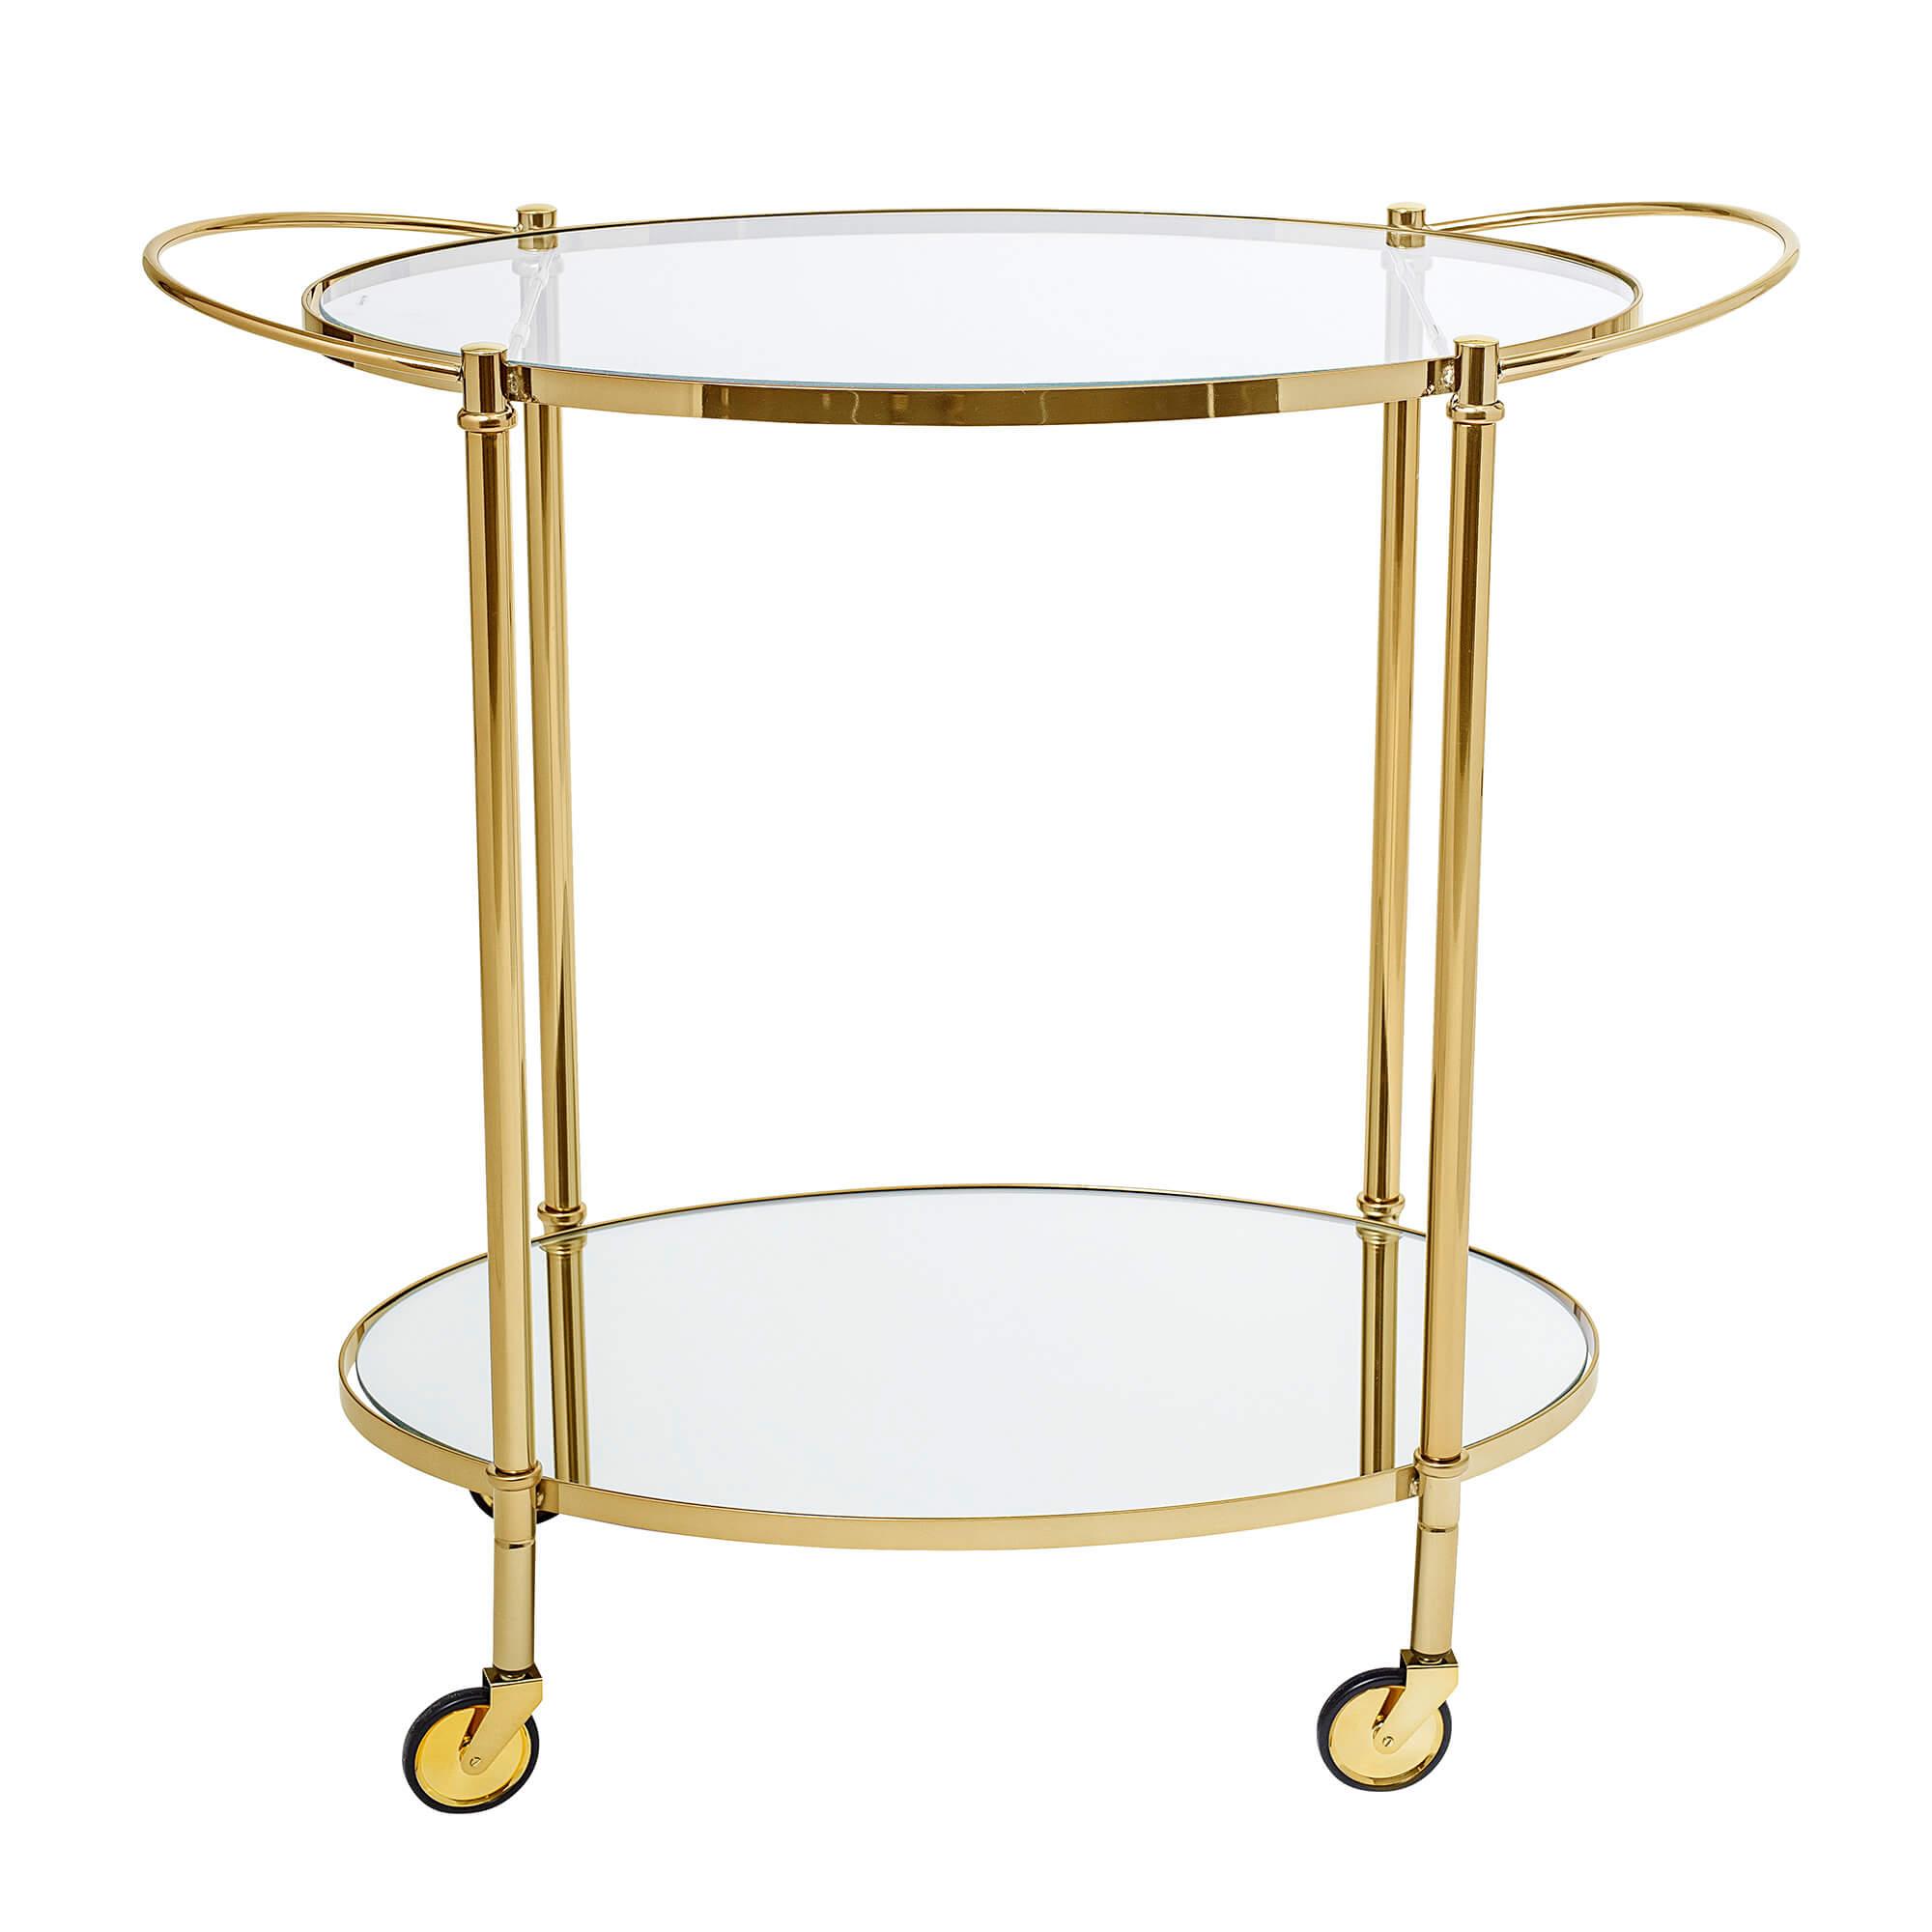 BLOOMINGVILLE Fine rullebord - klar/guld glas/jern, m. hylde i spejlglas og hjul